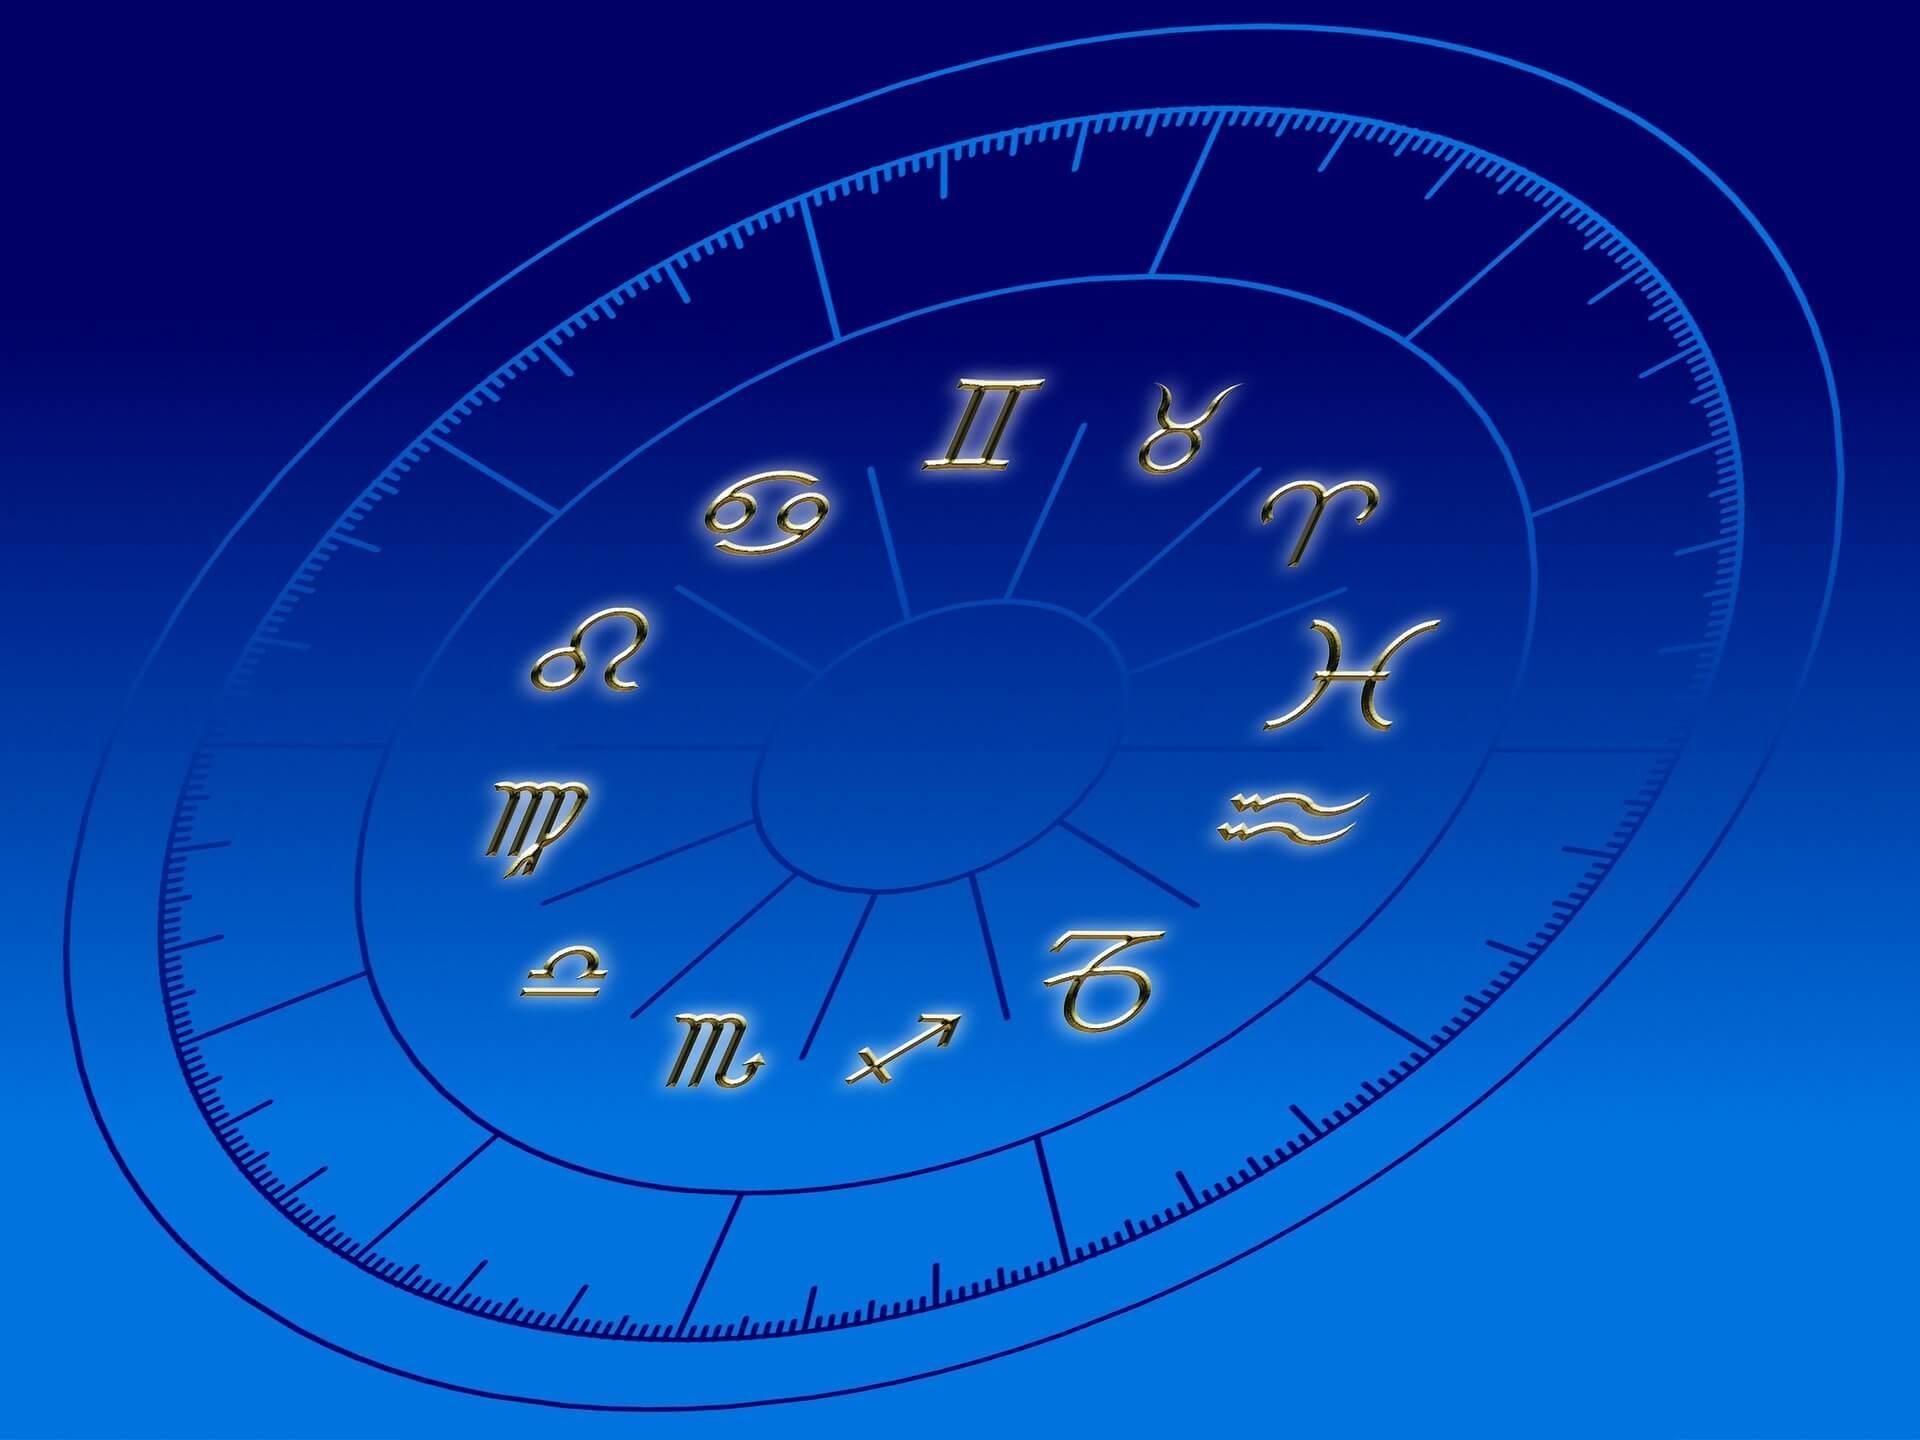 Warum halten wir uns ständig an das Horoskop?